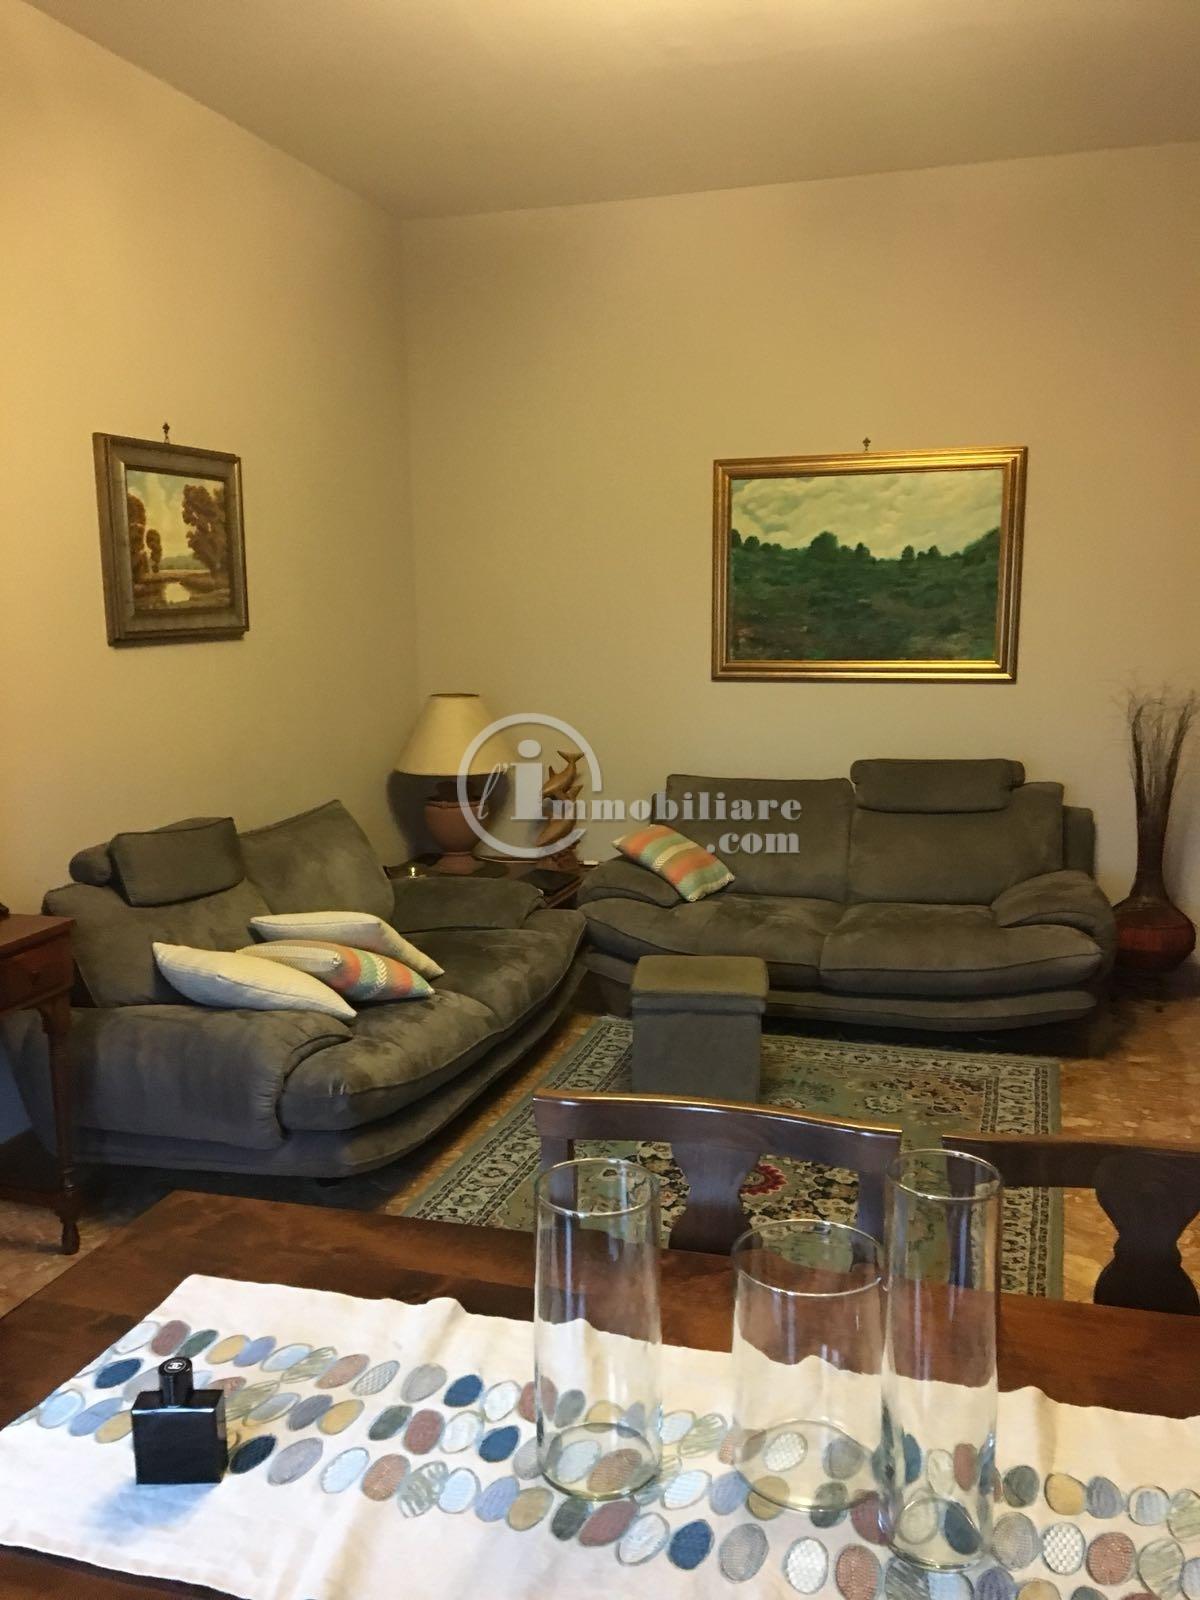 Agenzie Immobiliari Corsico 135-c345 - appartamento in vendita a corsico - l'immobiliare